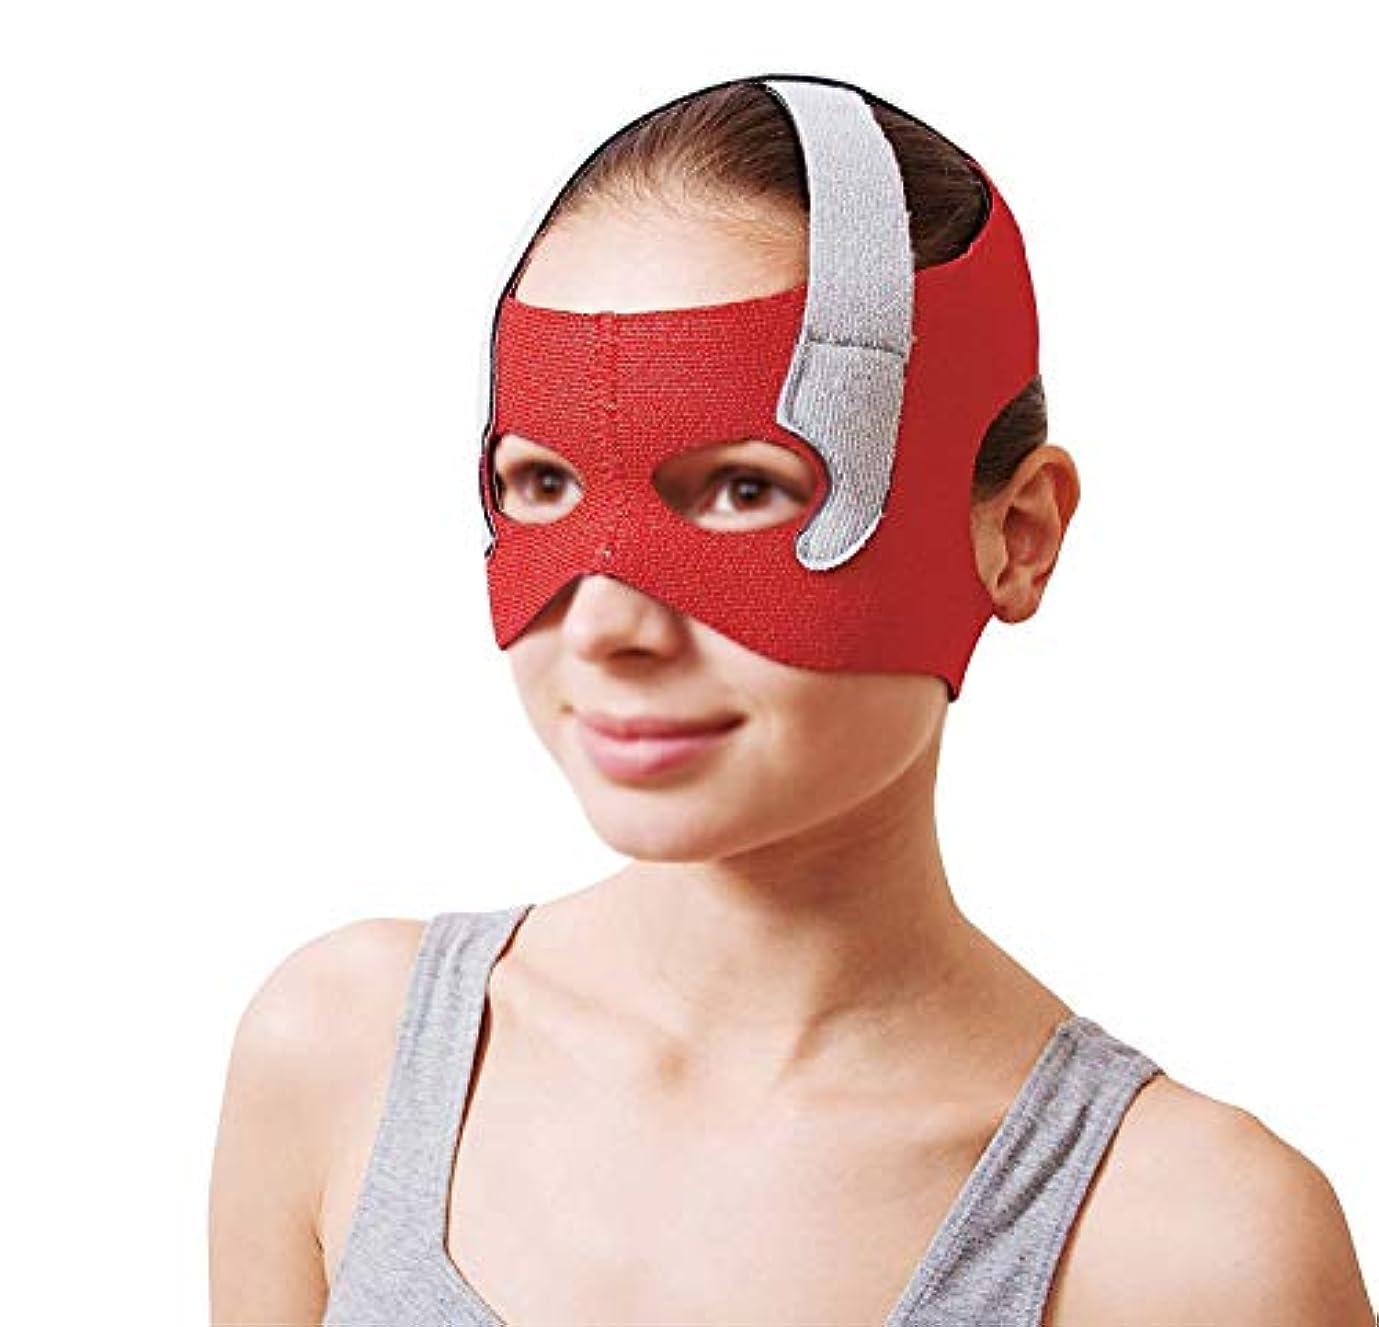 過激派野望抵抗力があるGLJJQMY フェイシャルリフティングマスク回復包帯ヘッドギアマスクシンフェイスマスクアーティファクト美容ベルトフェイシャルとネックリフティングフェイシャル円周57-68 cm 顔用整形マスク